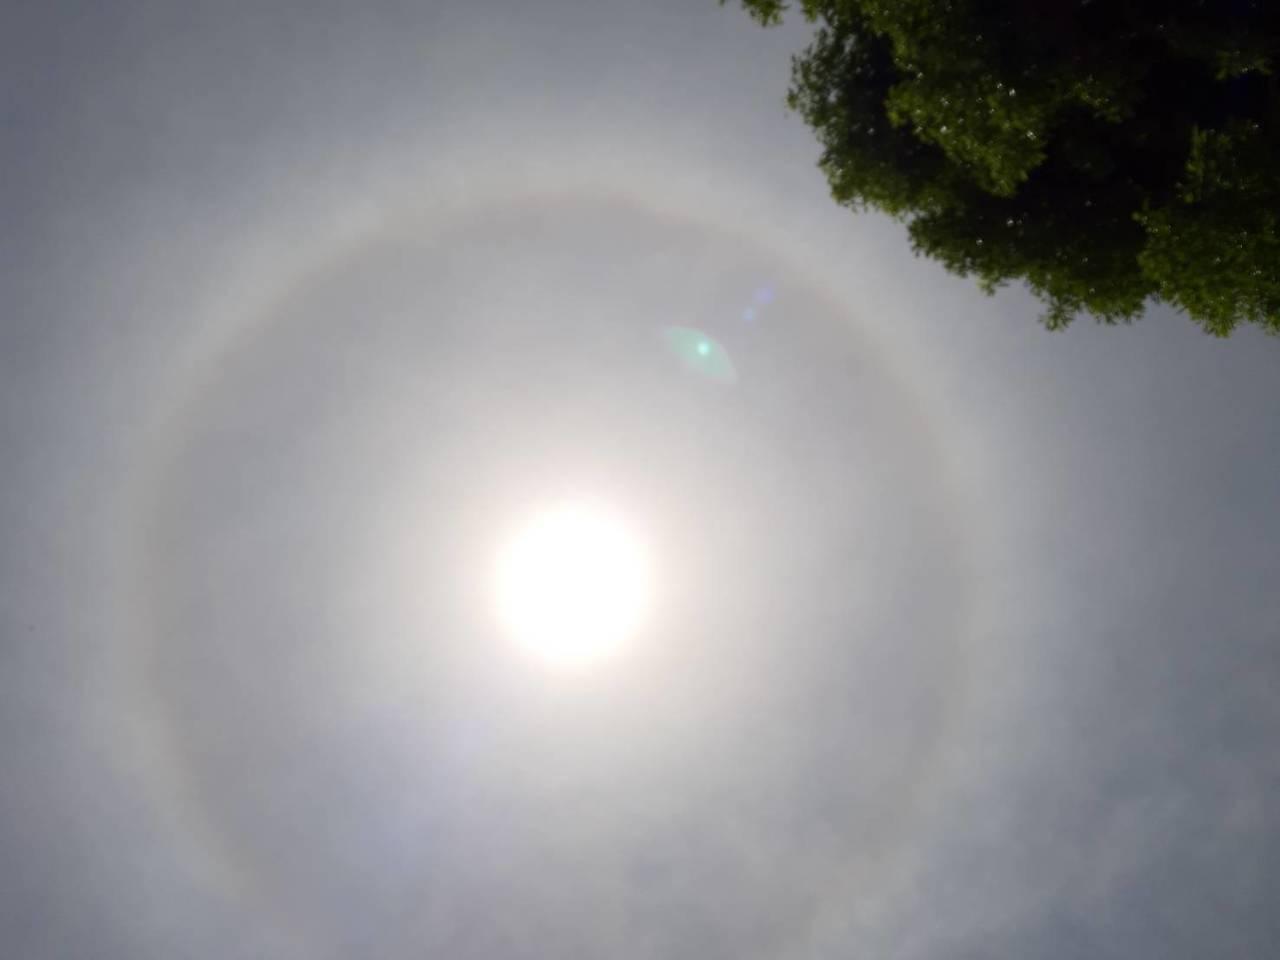 桃園市今天中午天空出現「日暈」景象,不少民眾抬頭發現,紛紛拍下照片或影片紀錄這難...